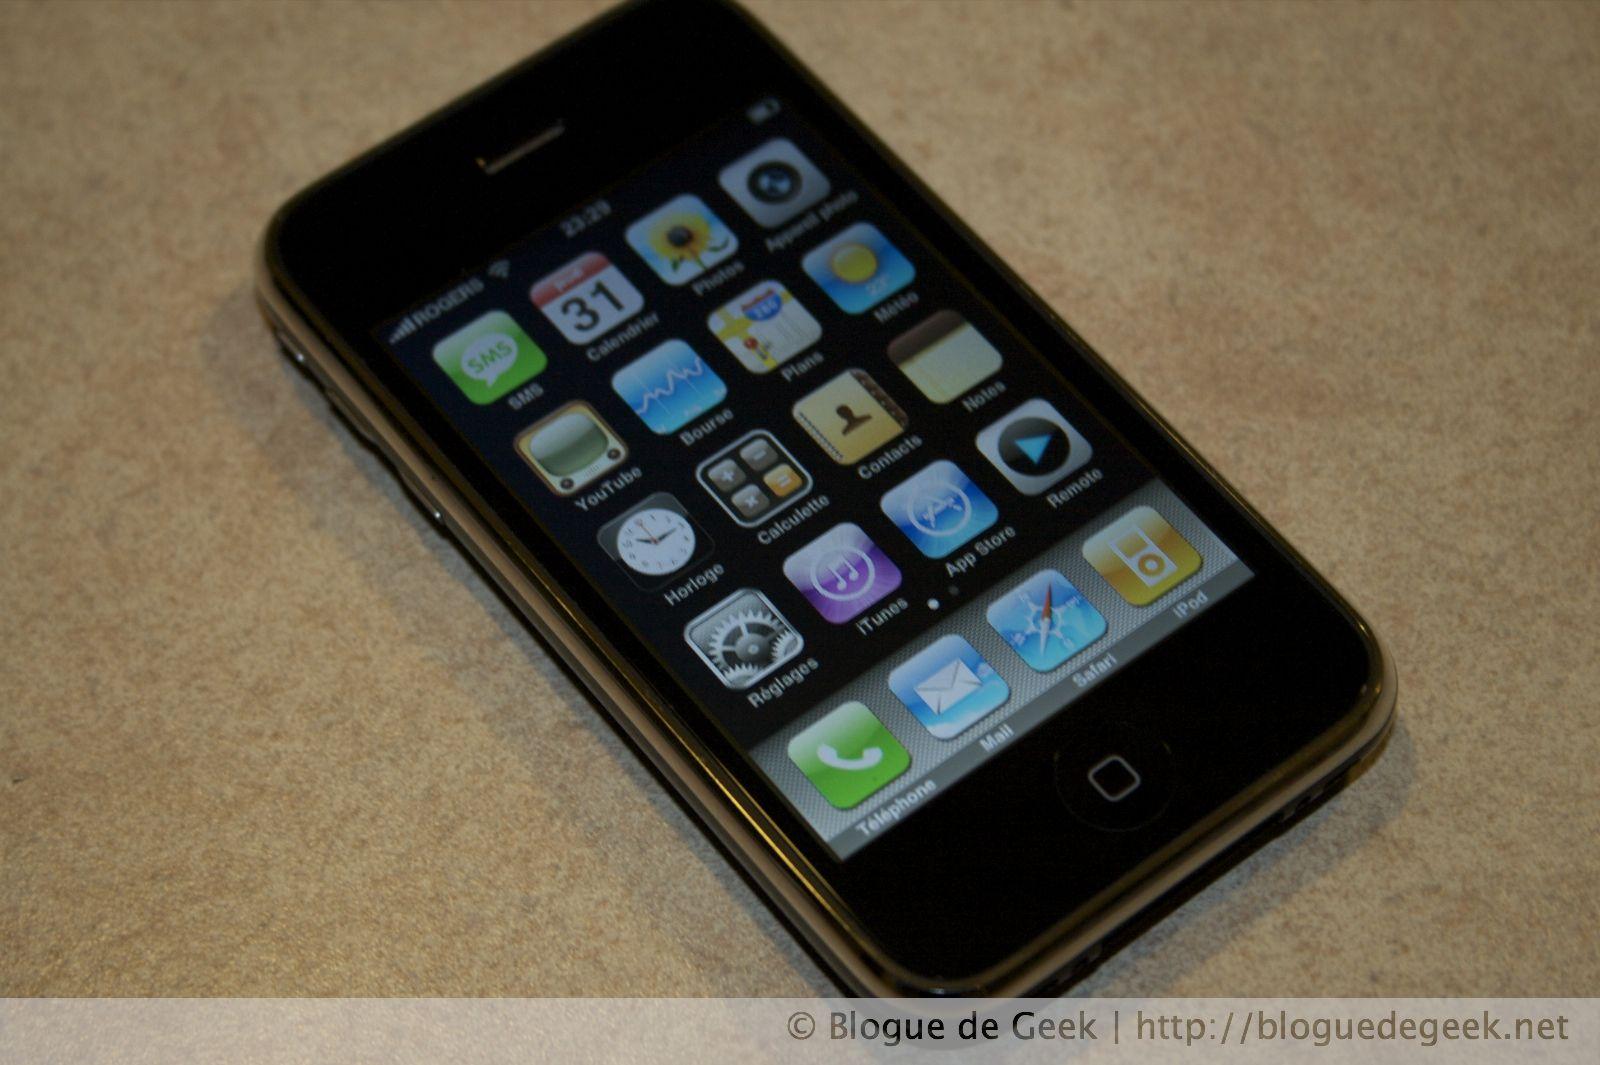 img 25962 - iPhone 3G avec Rogers au Canada [Évaluation]